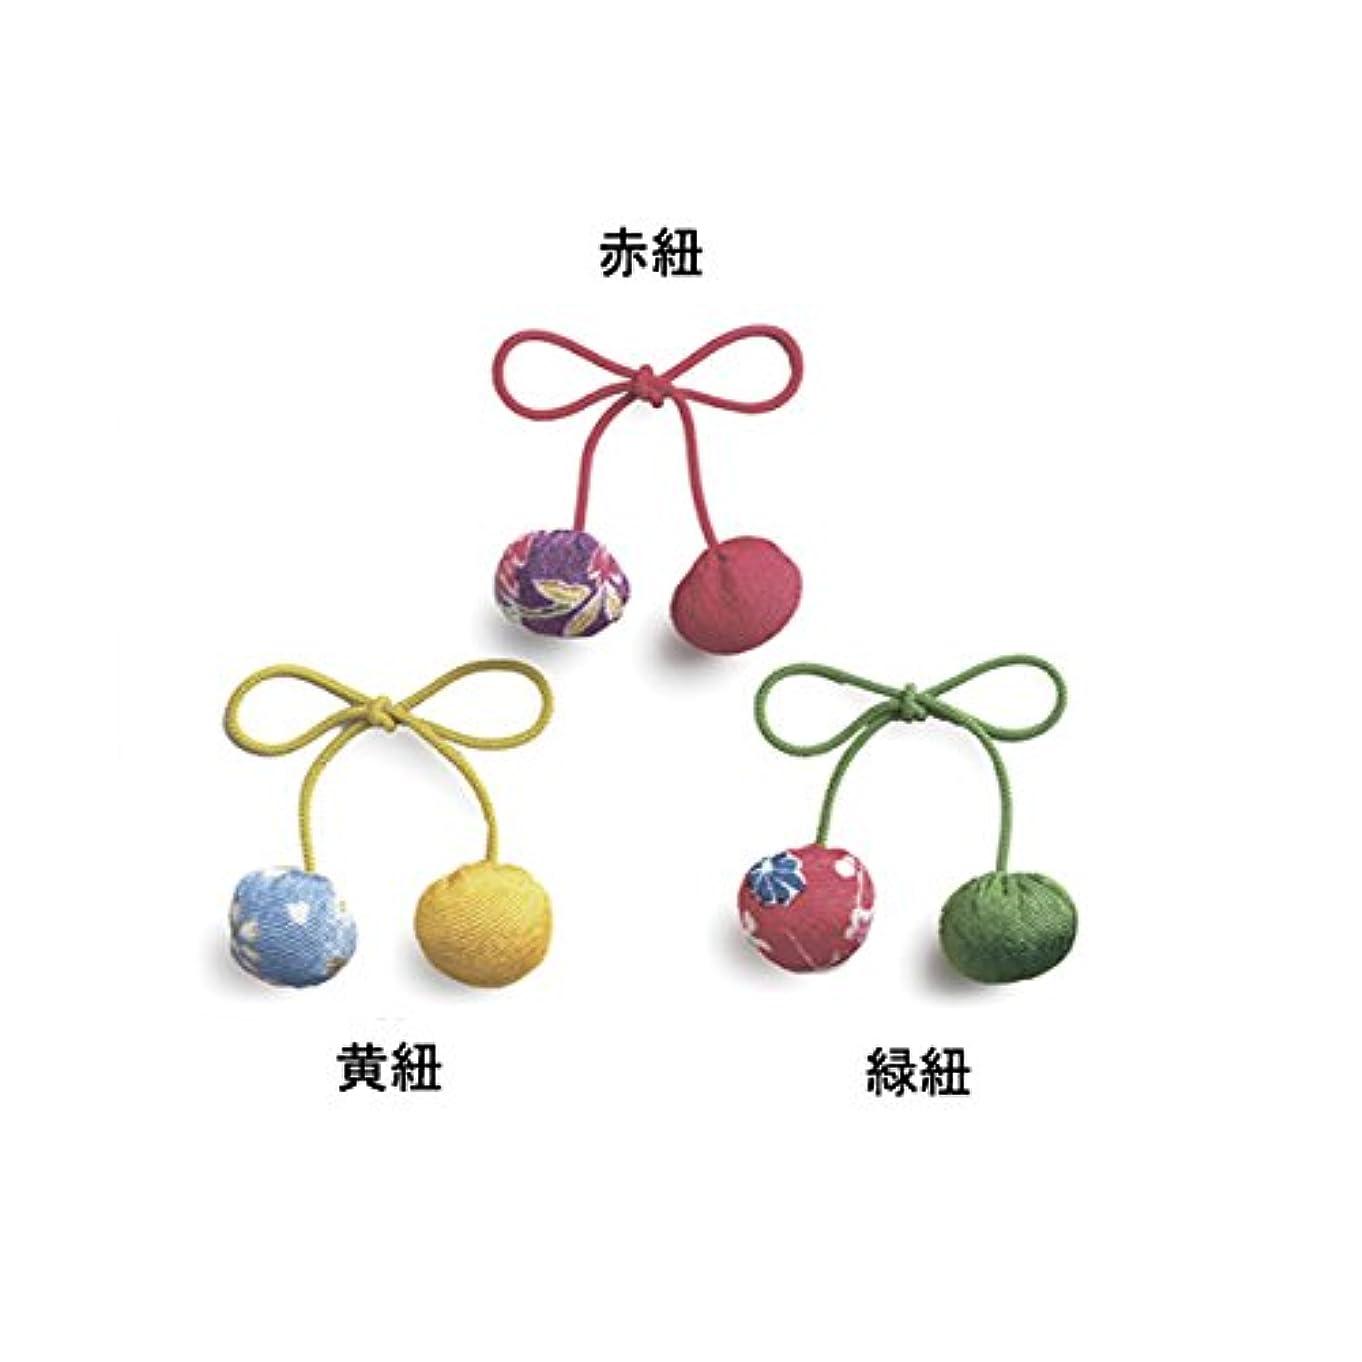 ジェスチャー宇宙のプロット香り結び紐 (黄)